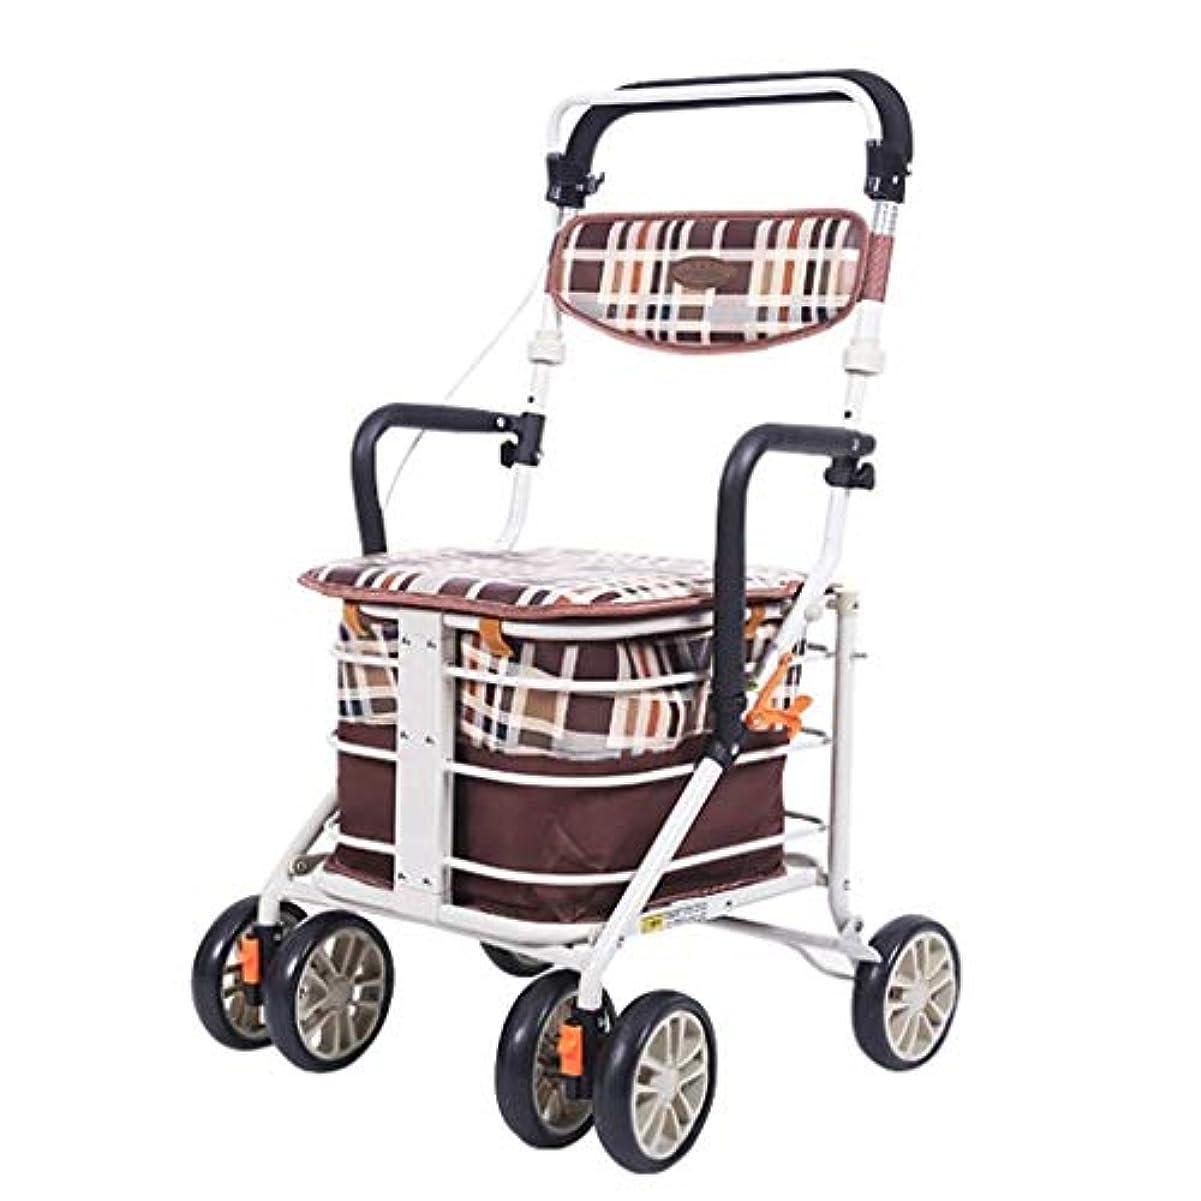 法令必需品ワゴンハンドブレーキ高齢者歩行者が付いている軽量のアルミ合金の座席を折る多機能歩行者のトロリーショッピングカート